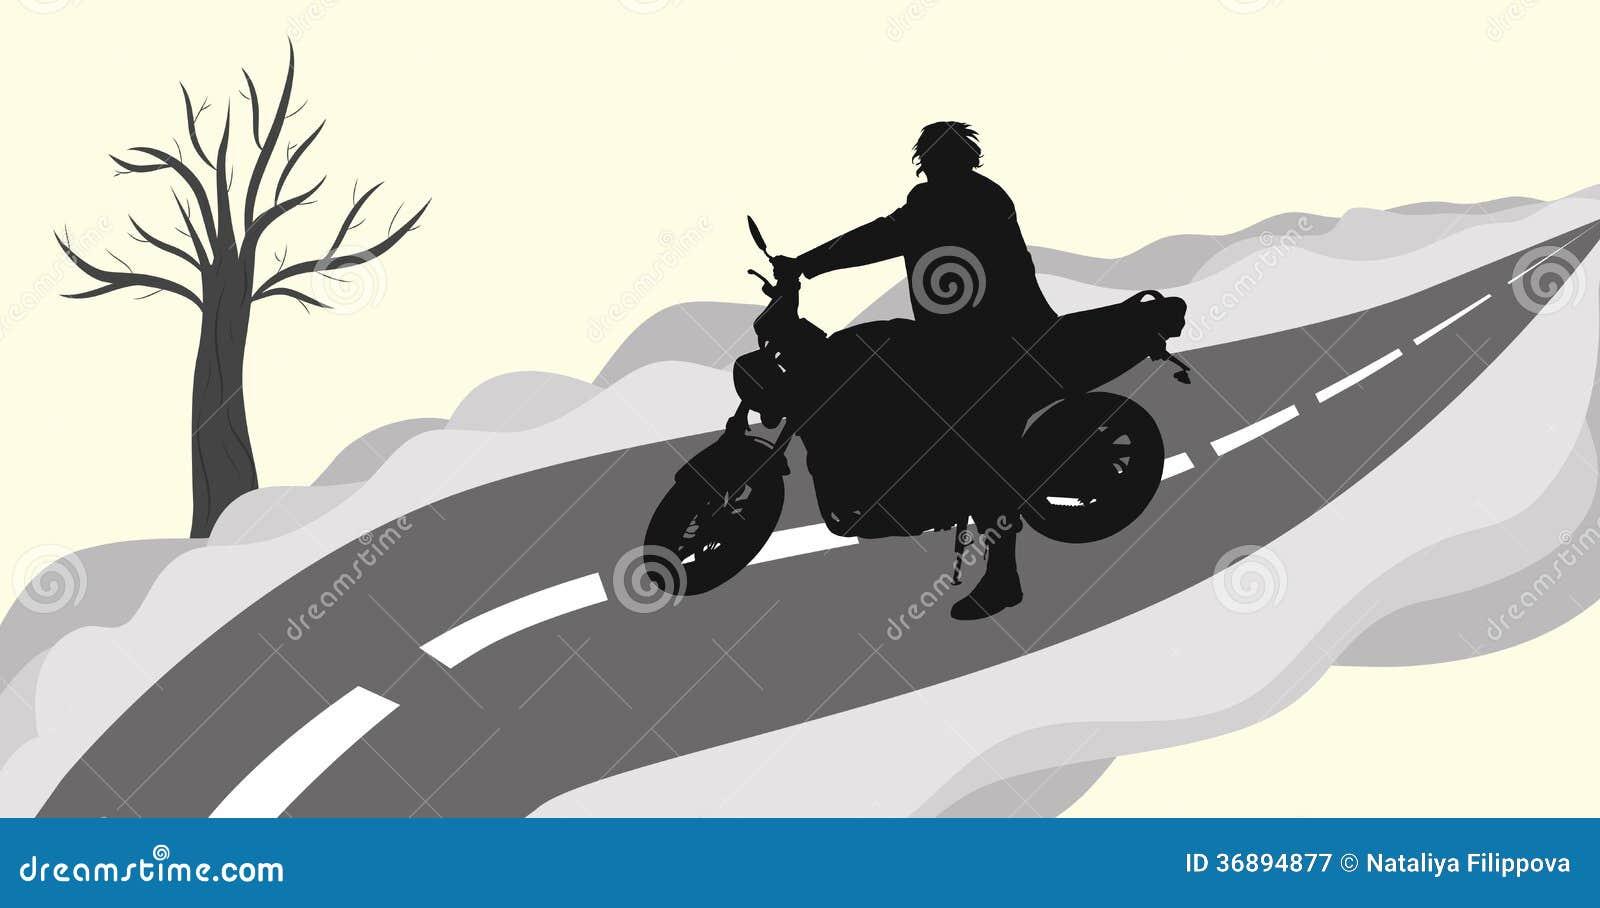 Download Motociclista sulla strada illustrazione vettoriale. Illustrazione di illustrazione - 36894877